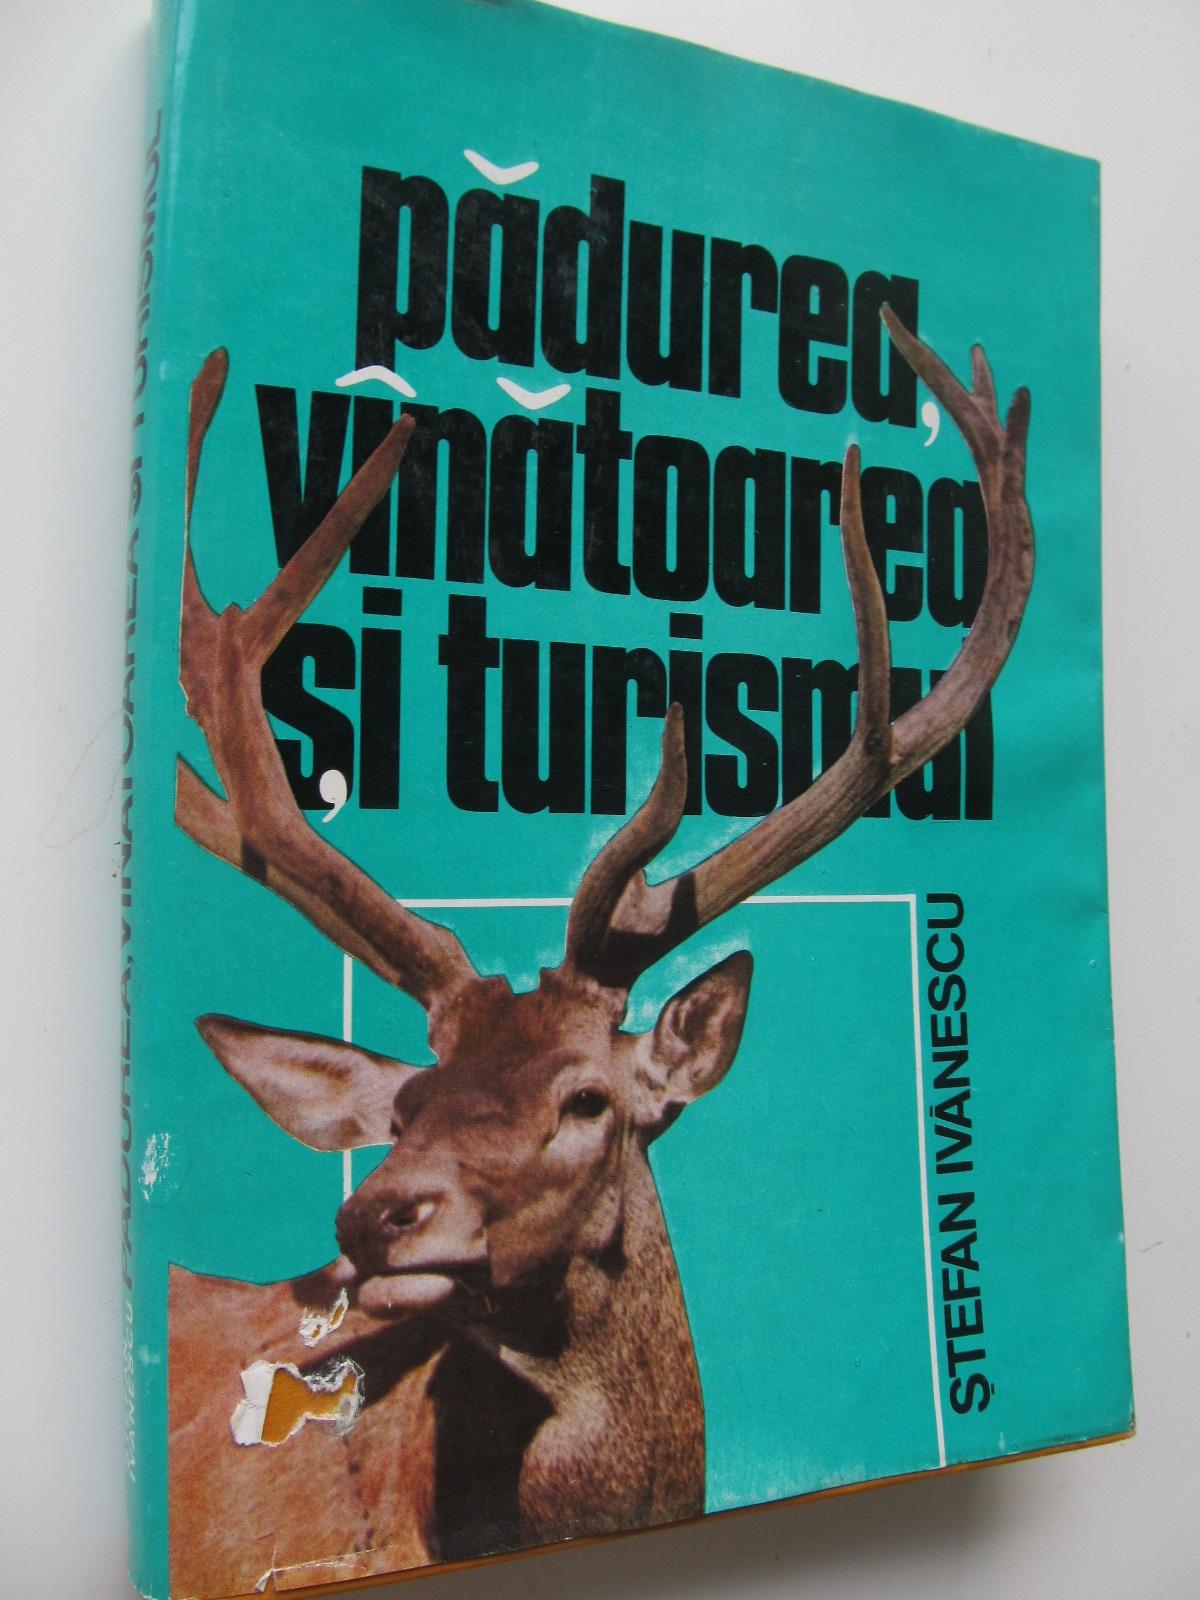 Padurea vanatoarea si turismul [1] - Stefan Ivanescu | Detalii carte